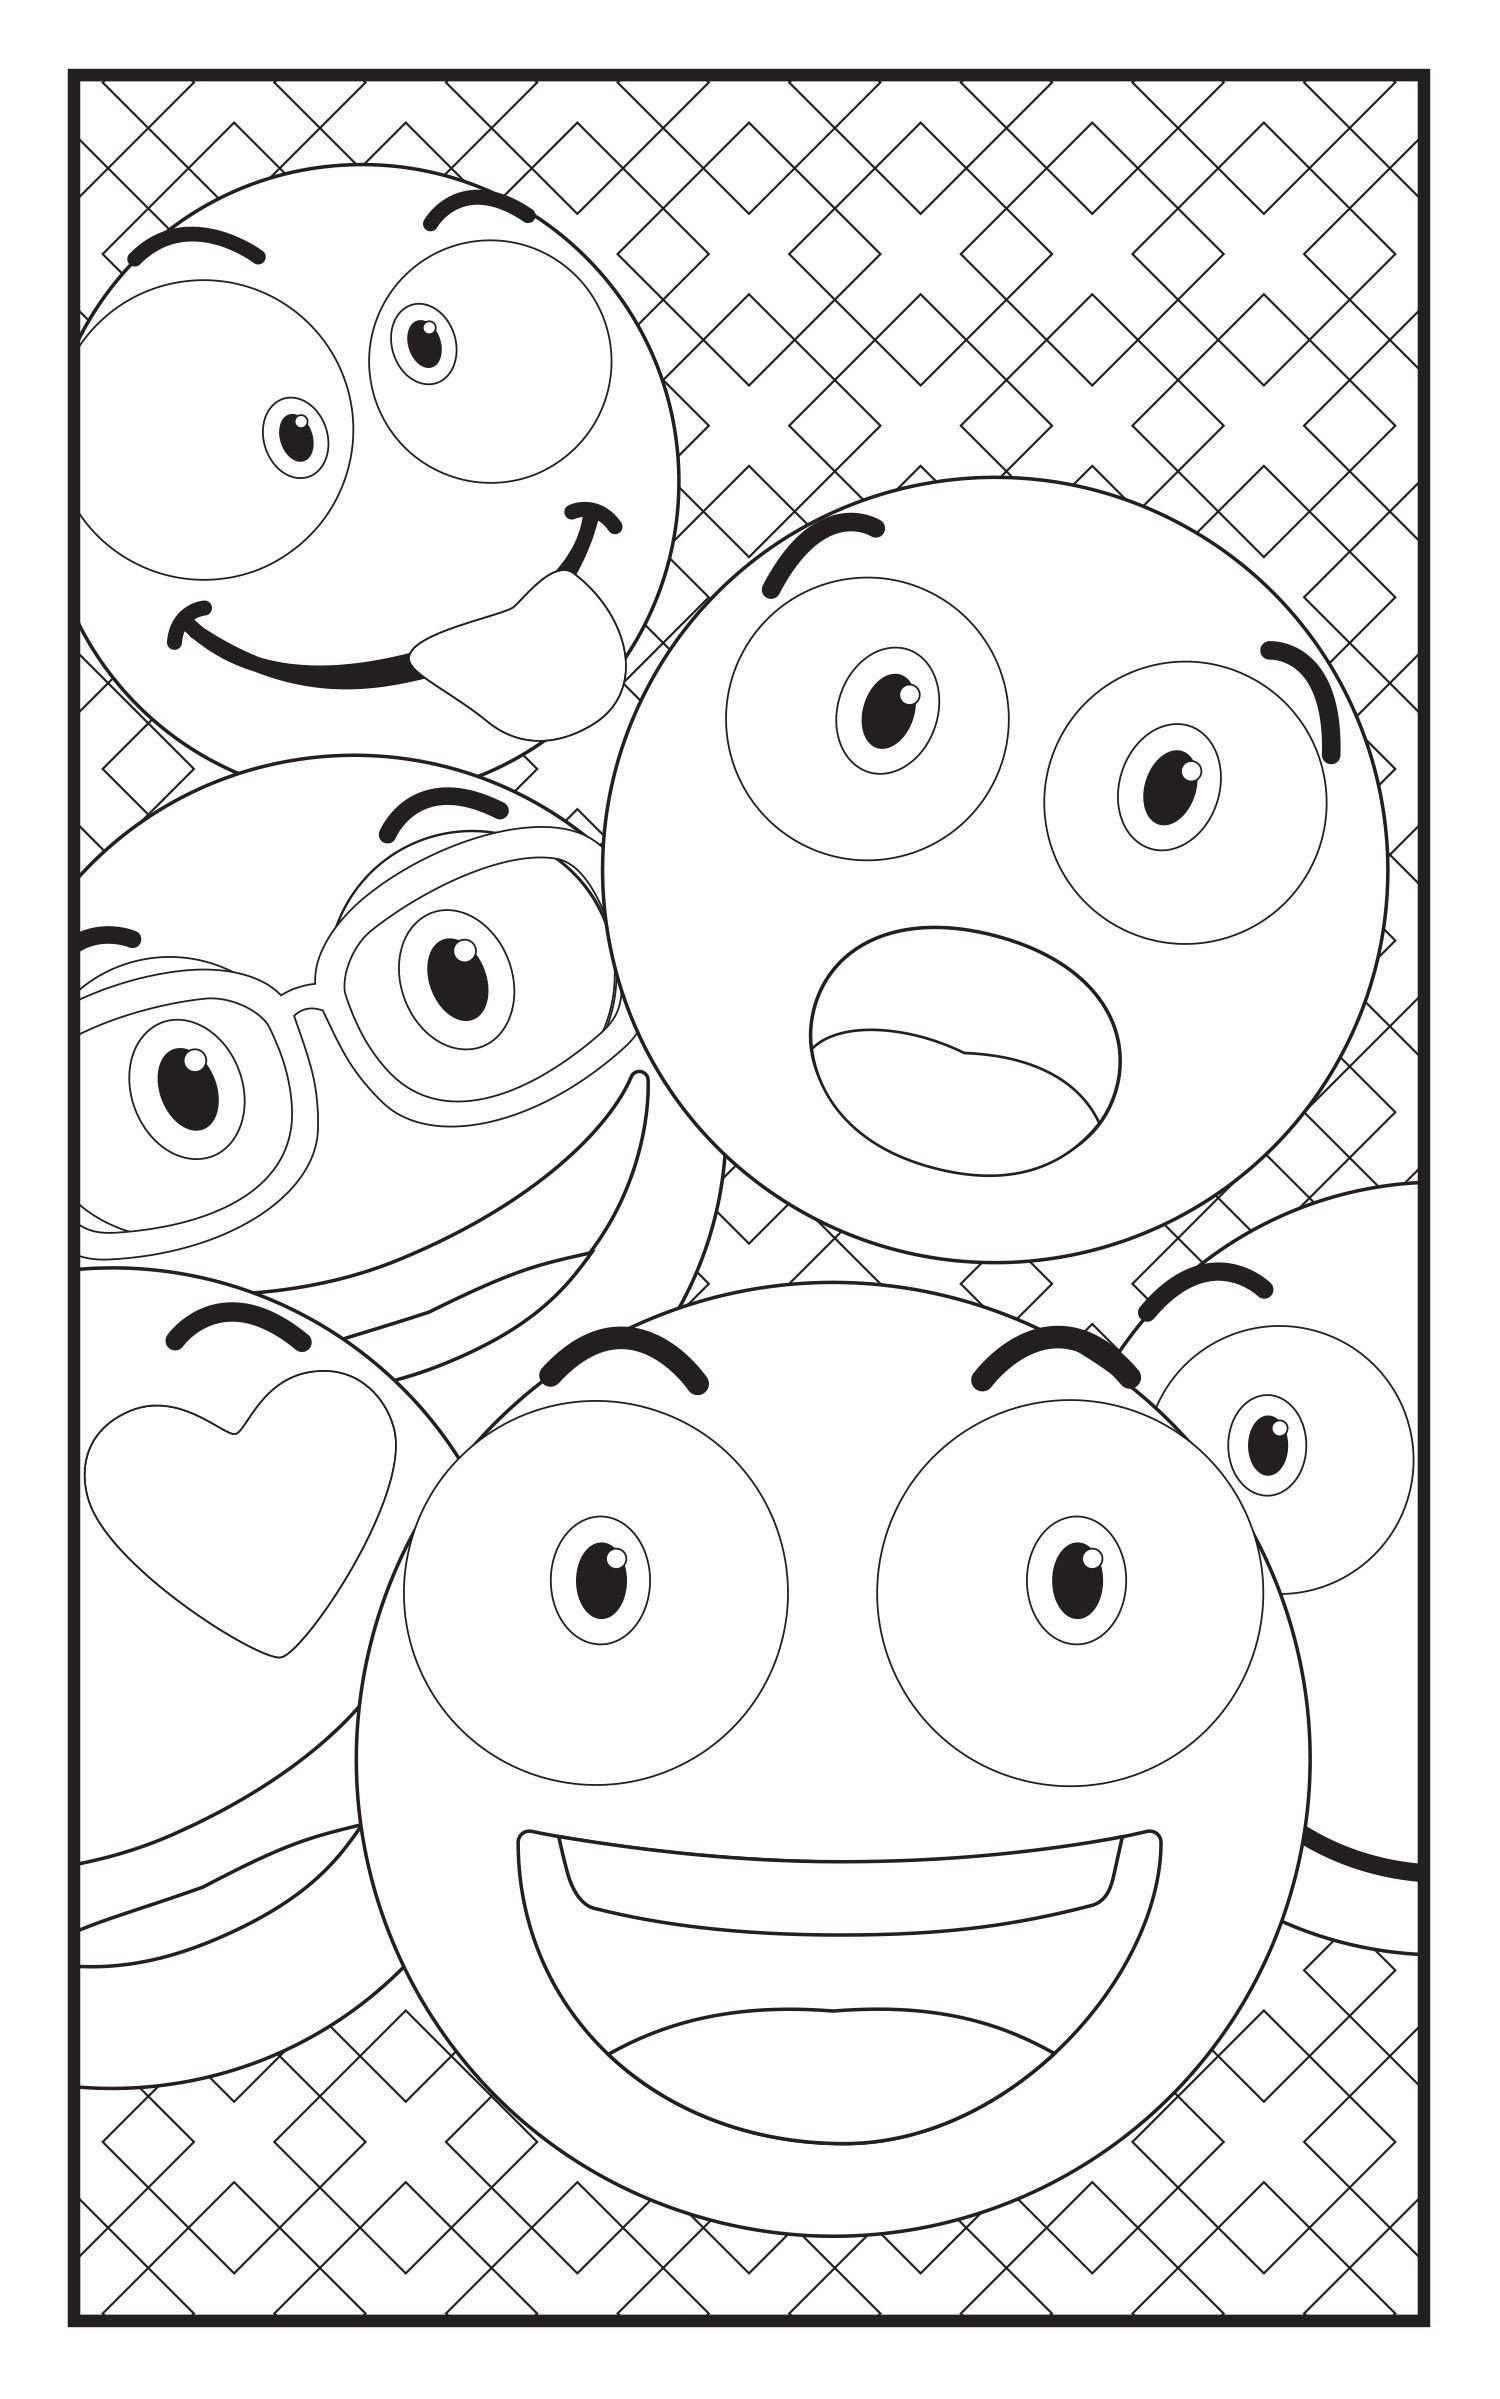 Ausmalbilder Emojis Unicorn Frisch Emoji Printable Coloring Pages Inspirational 30 Ausmalbilder Emojis Sammlung